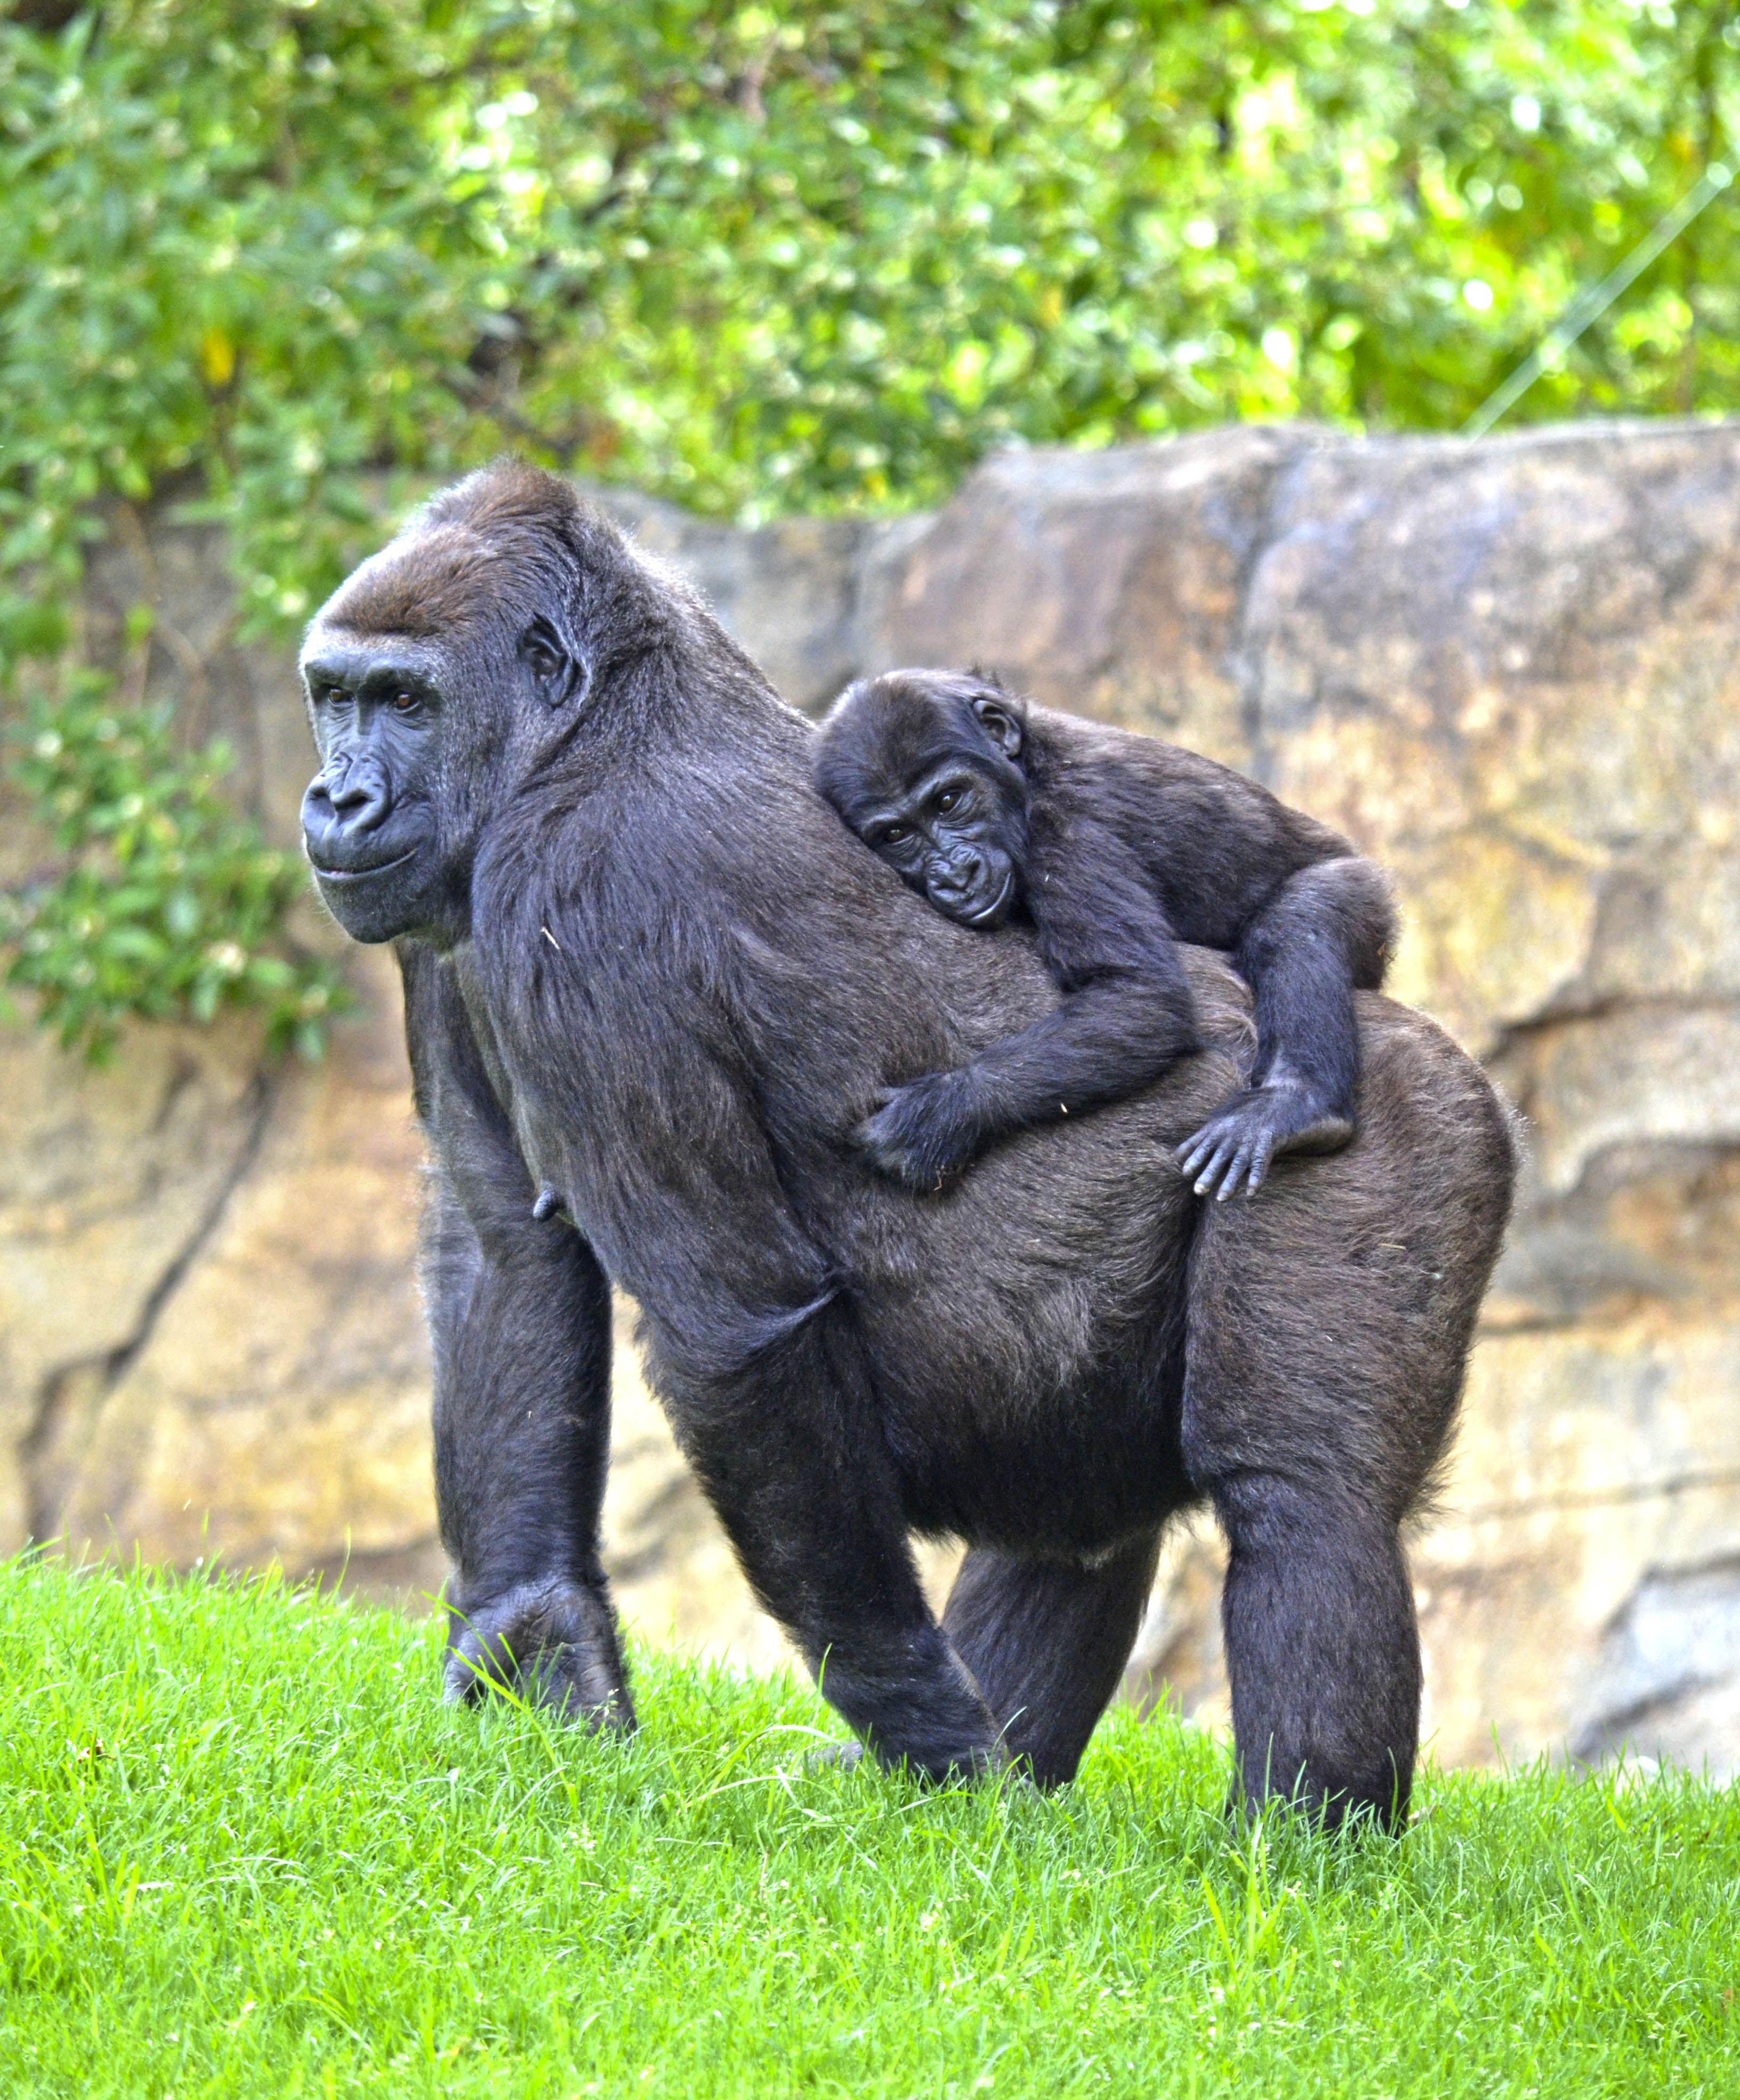 4444e778a5bd Primavera 2018 en BIOPARC Valencia. La gorila Nalani y su bebé Virunga en el  bosque